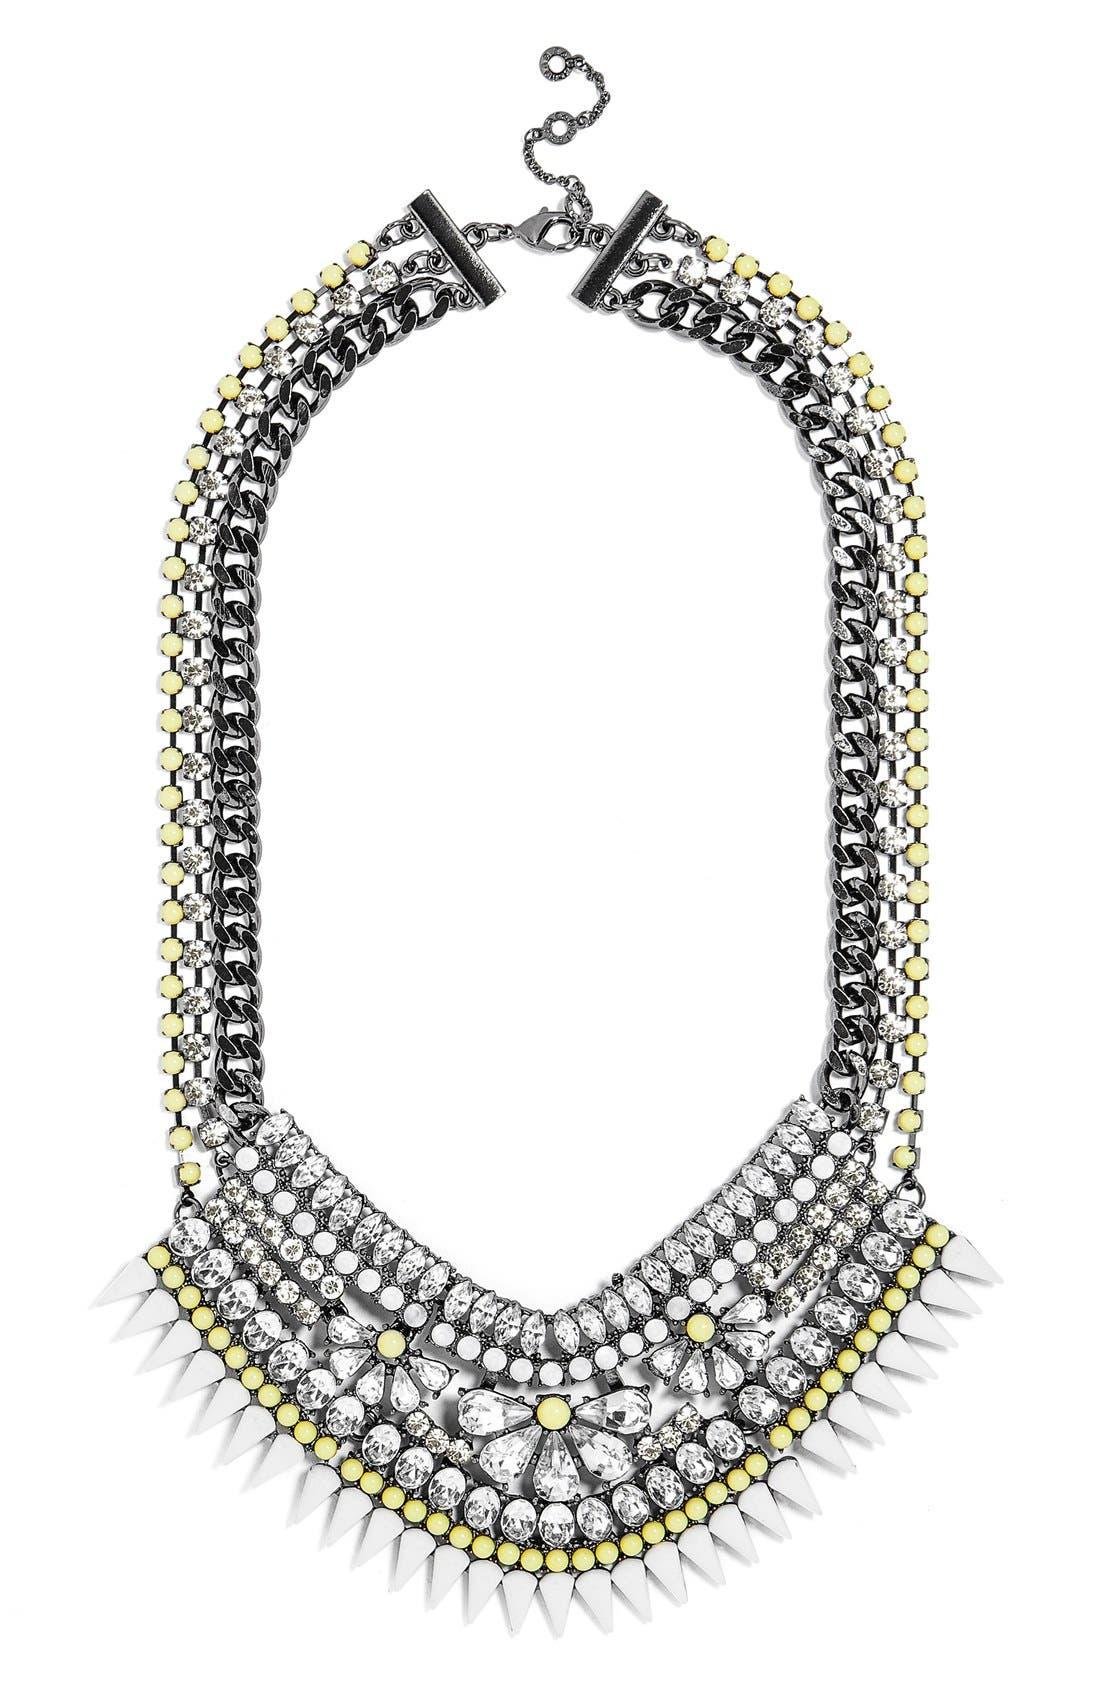 Main Image - BaubleBar 'Spike Hover' Bib Necklace